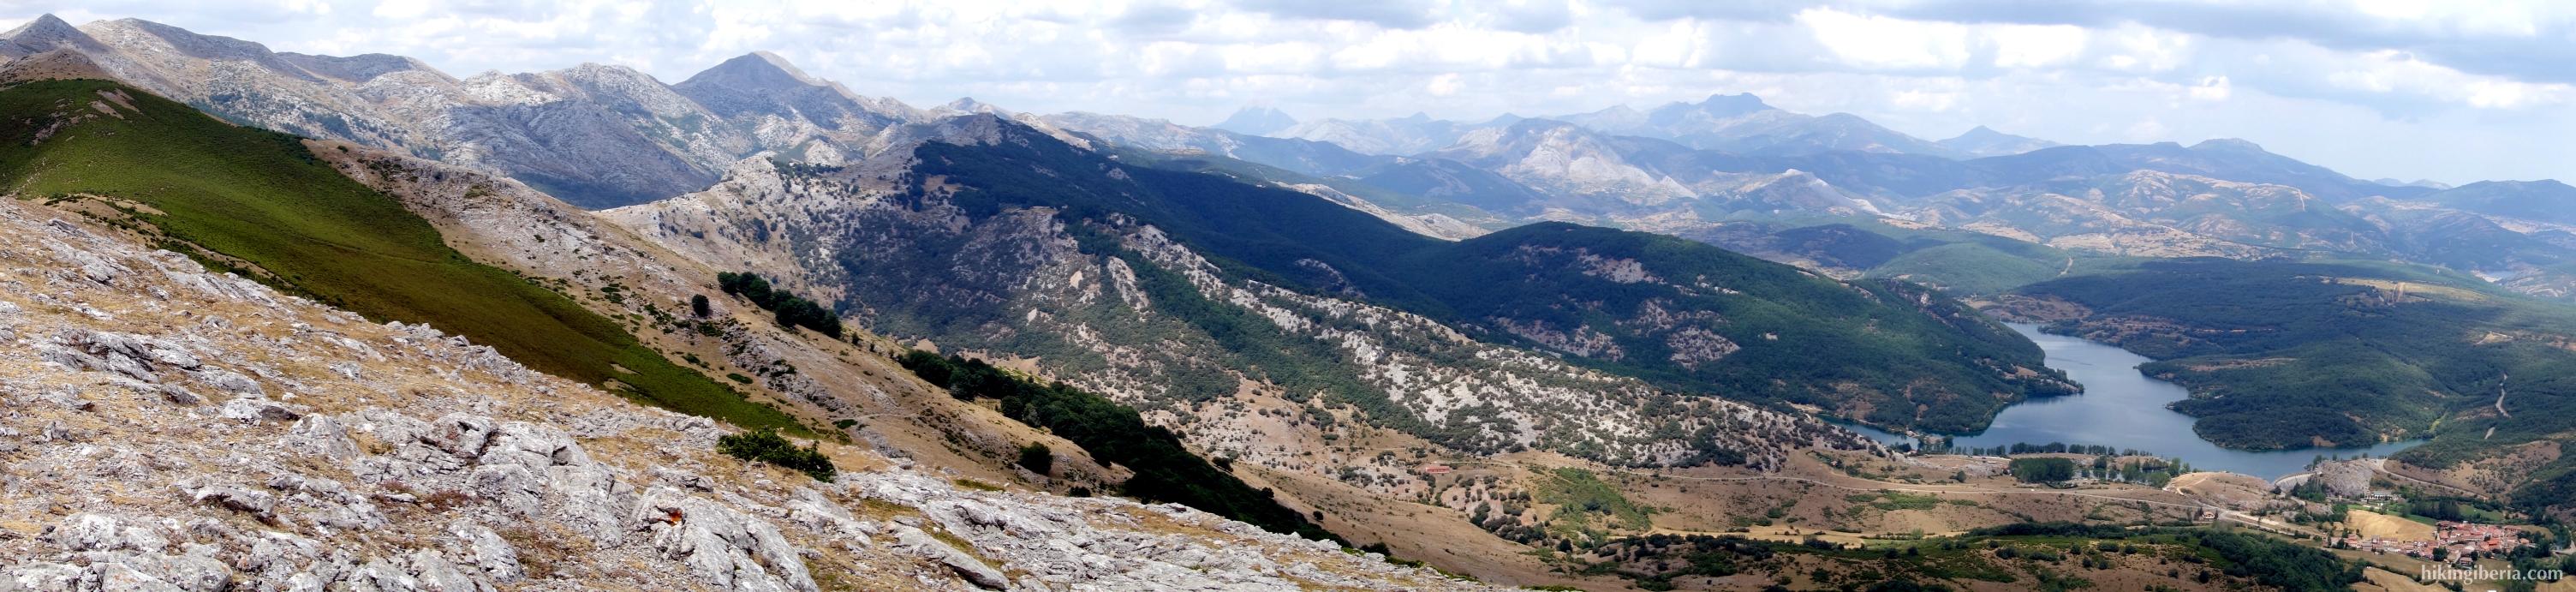 Pico Almonga